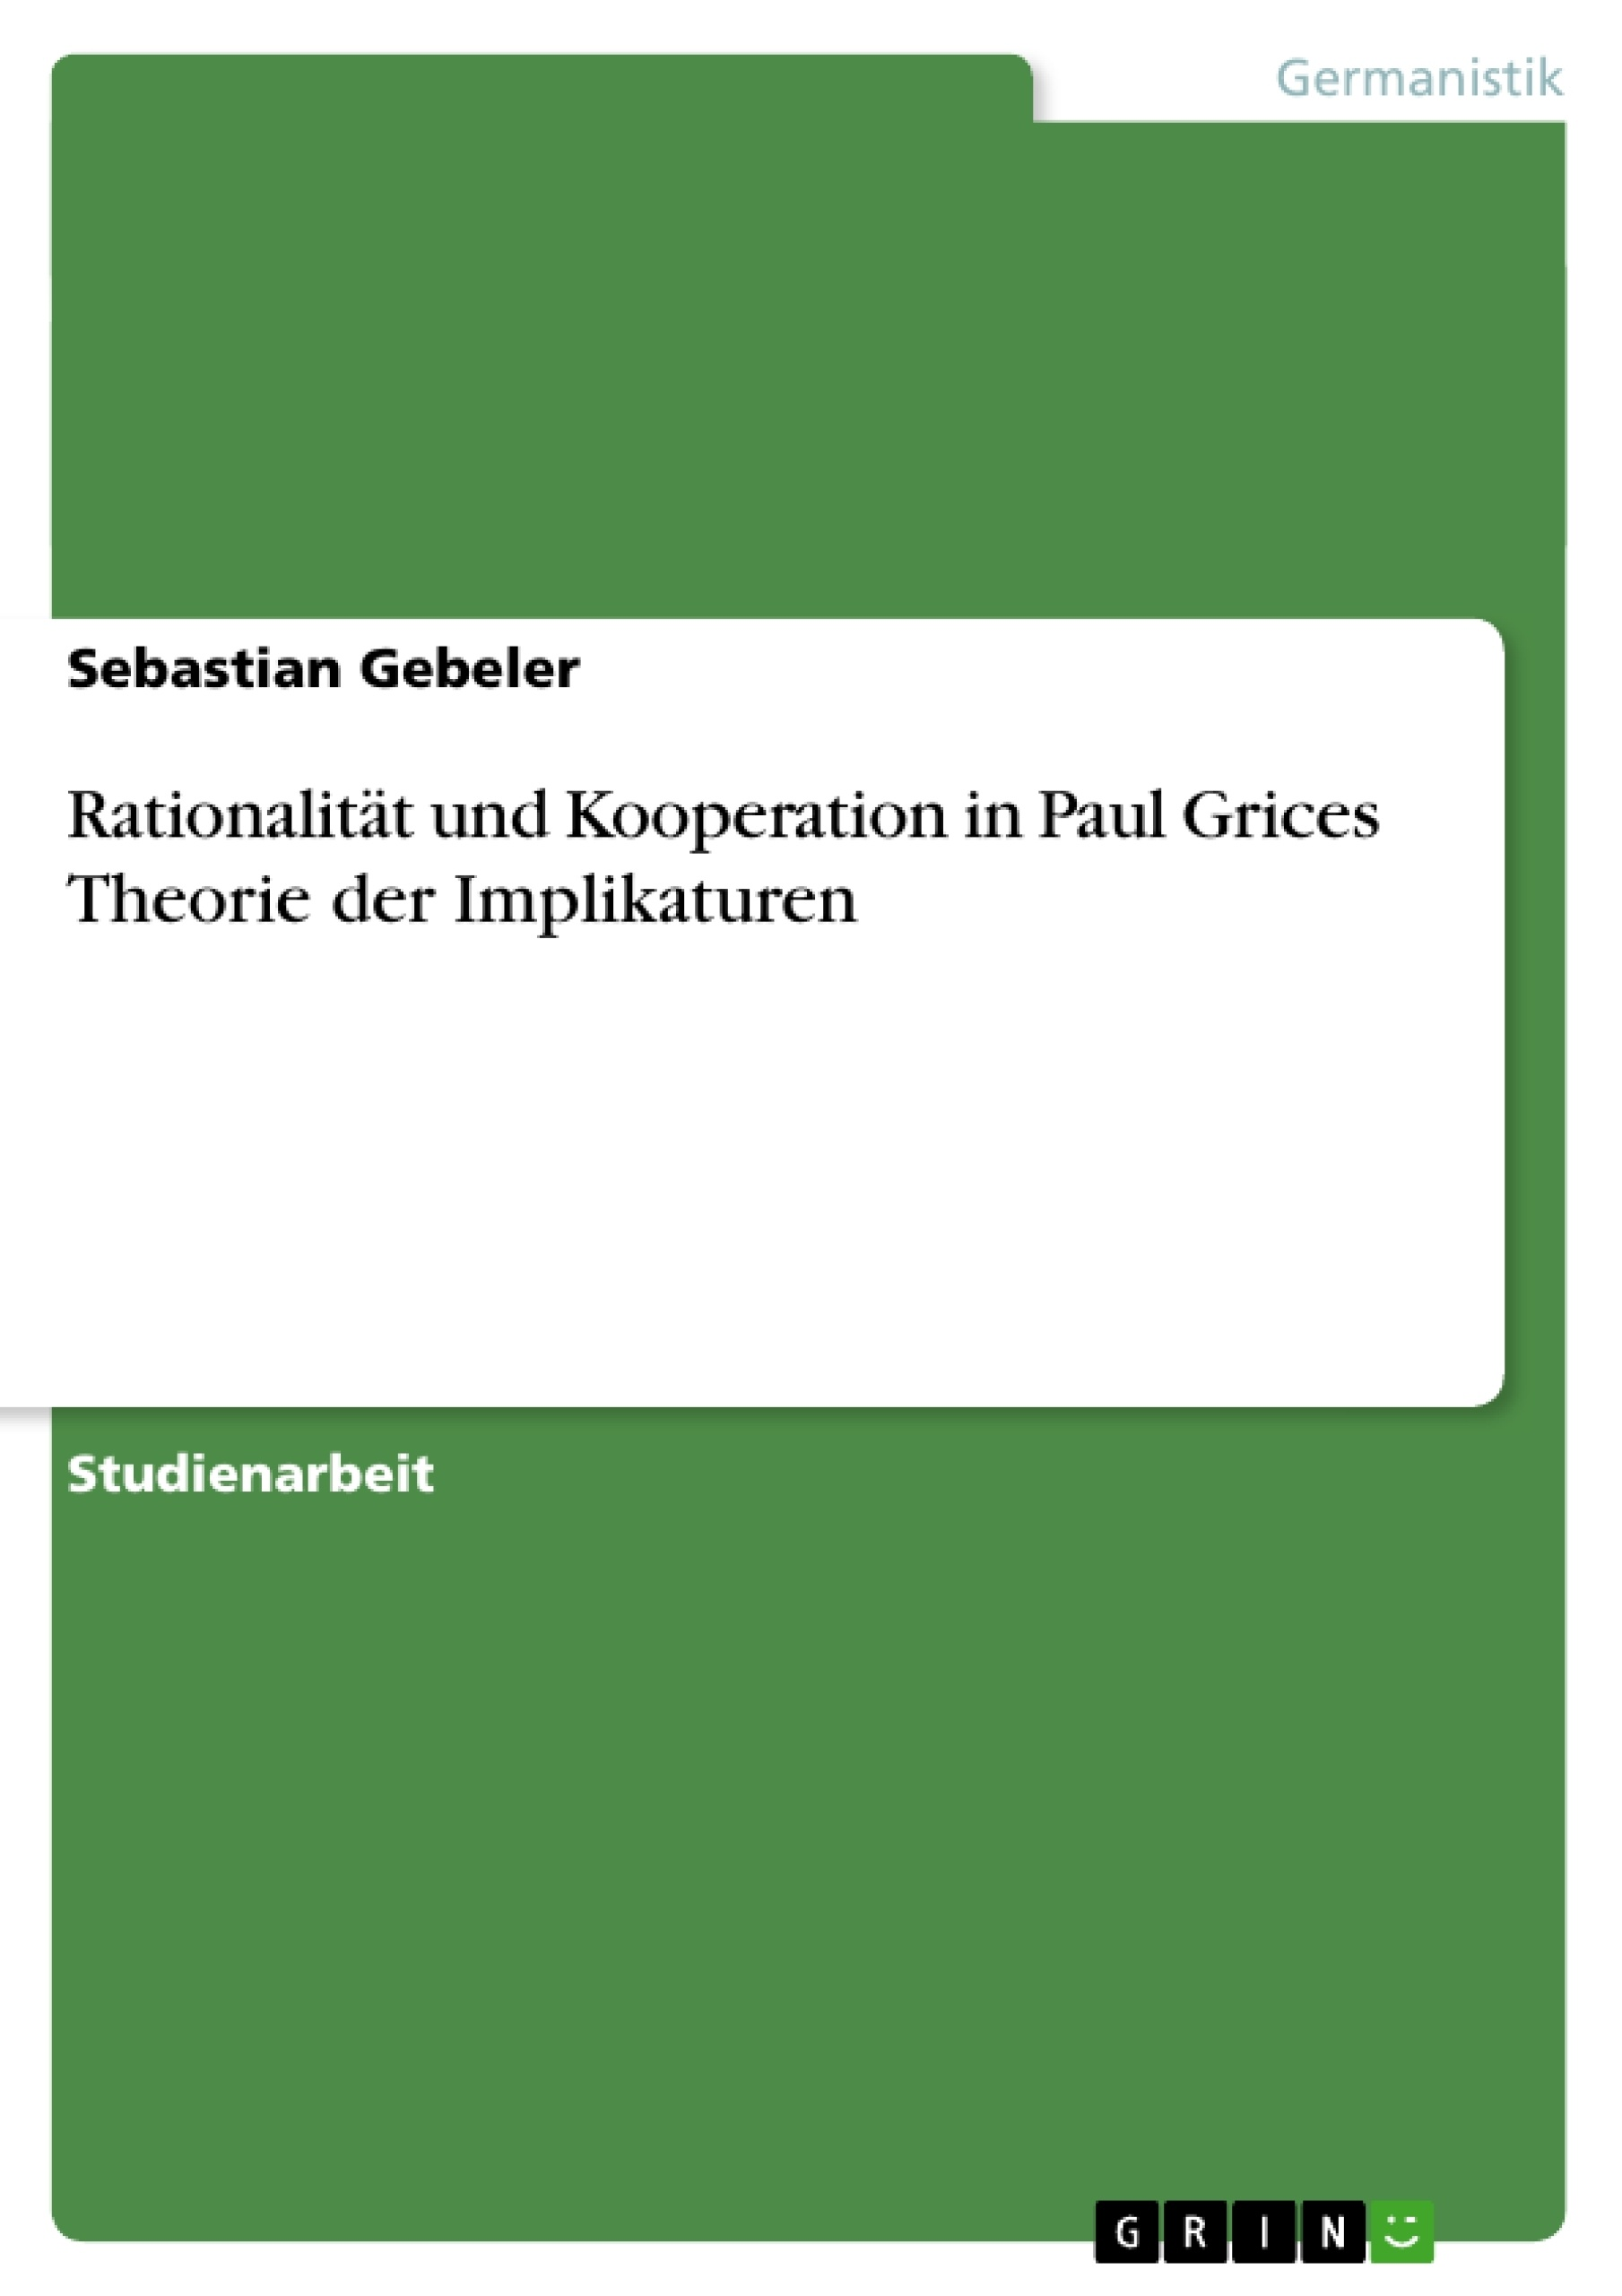 Titel: Rationalität und Kooperation in Paul Grices Theorie der Implikaturen